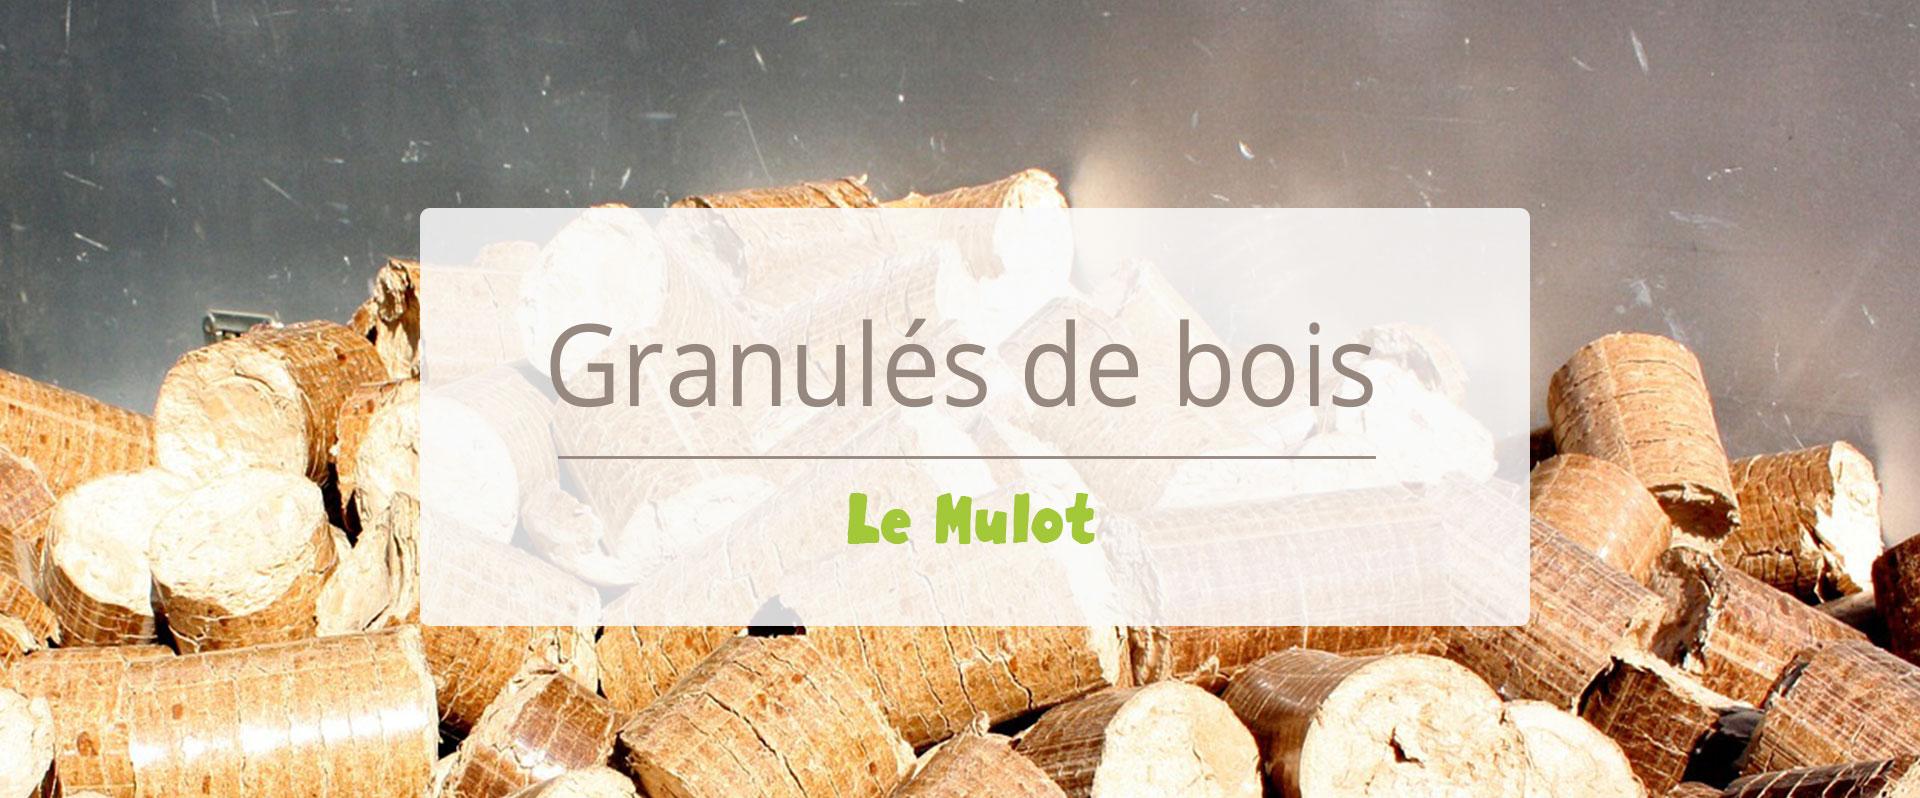 Granulés de bois pellets Morbihan